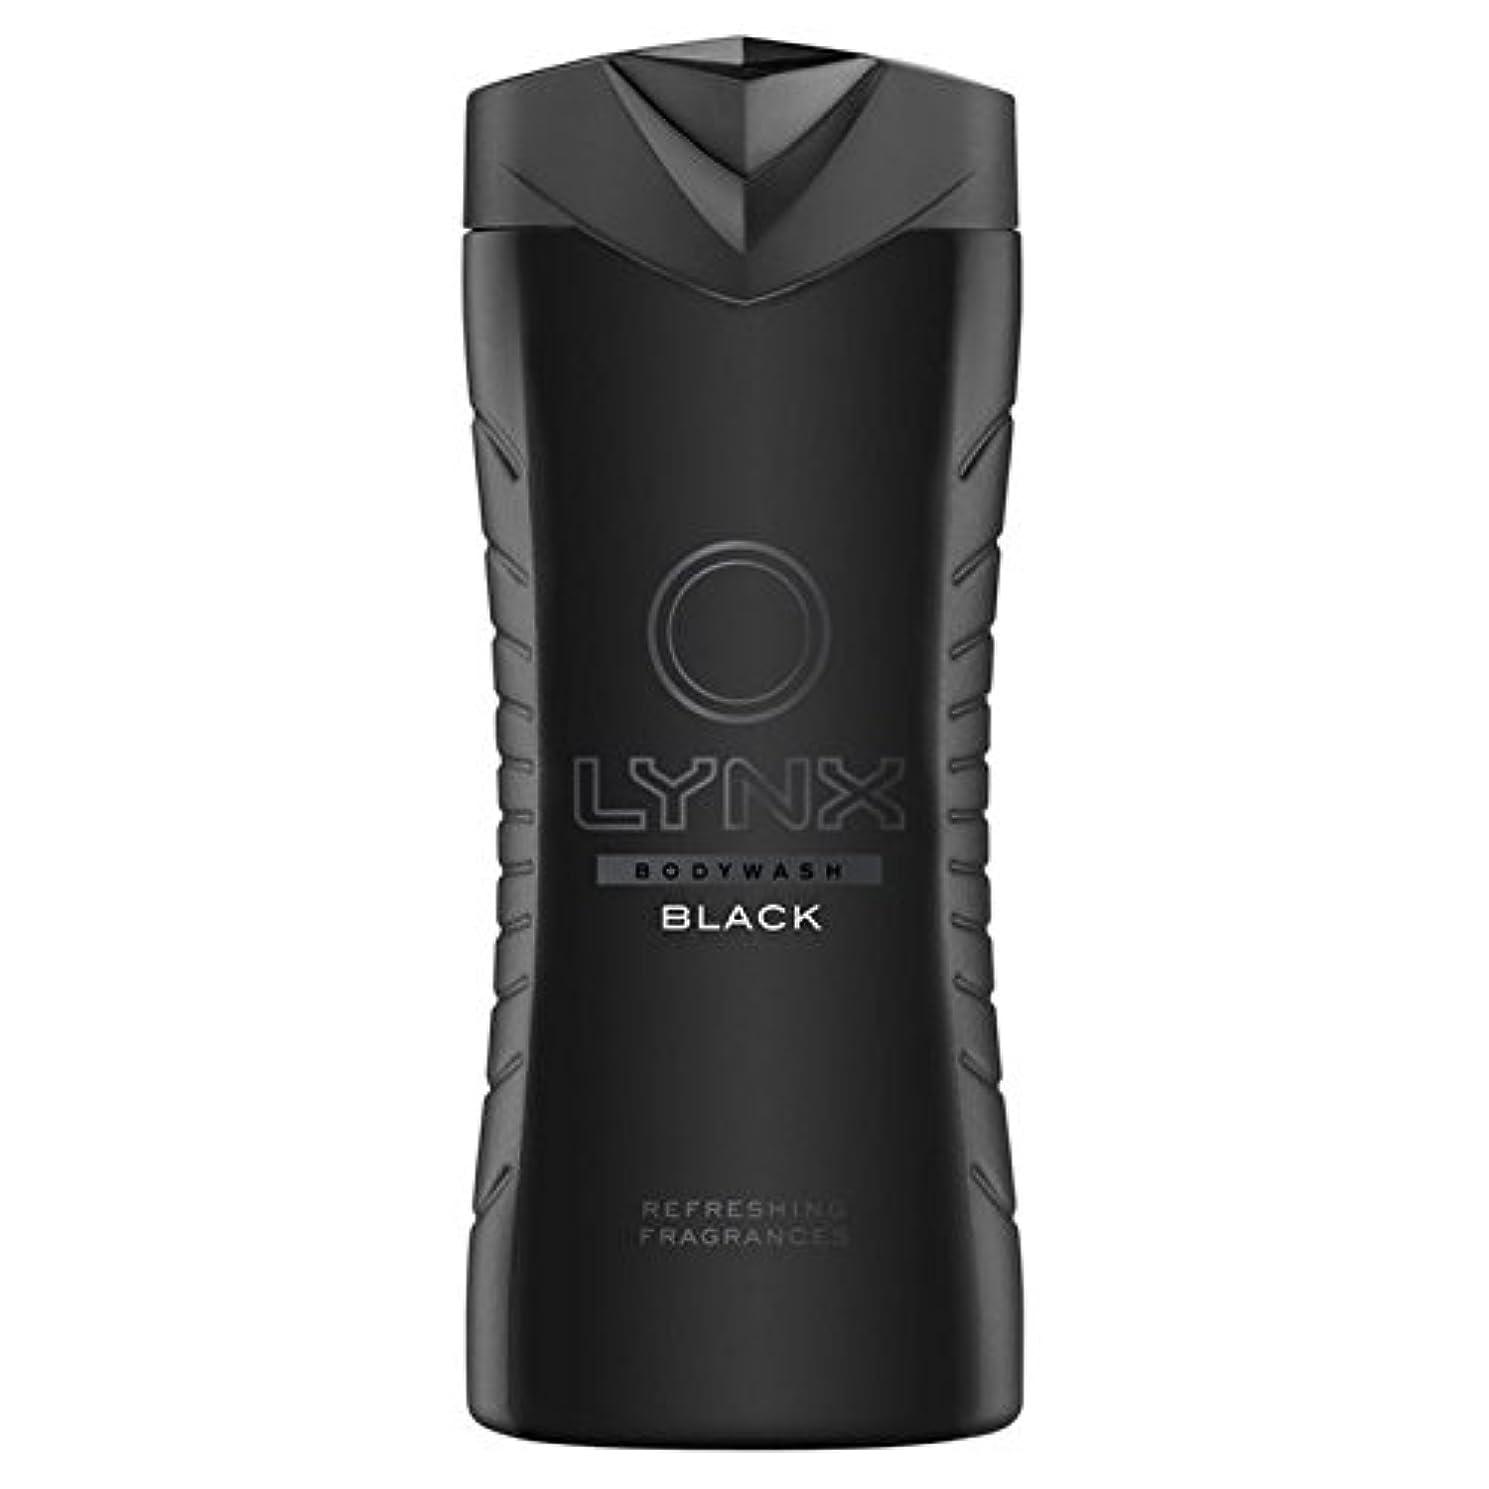 注目すべきナビゲーション溶岩Lynx Black Shower Gel 400ml (Pack of 6) - オオヤマネコブラックシャワージェル400ミリリットル x6 [並行輸入品]